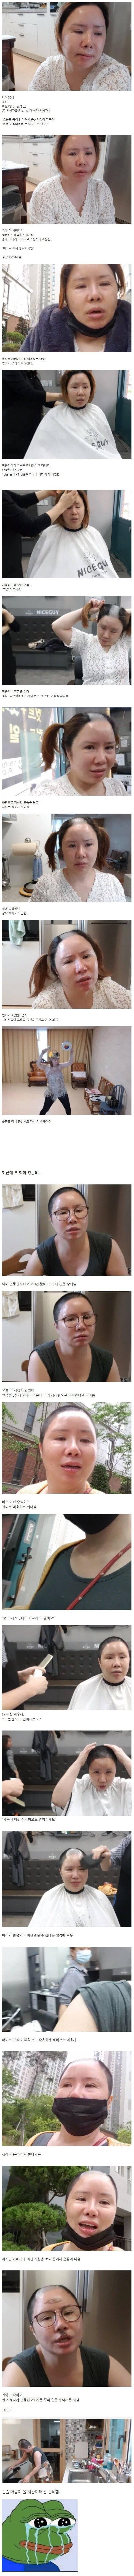 50대 여캠 bj 돌싱엄마의 책임감.. | 인스티즈